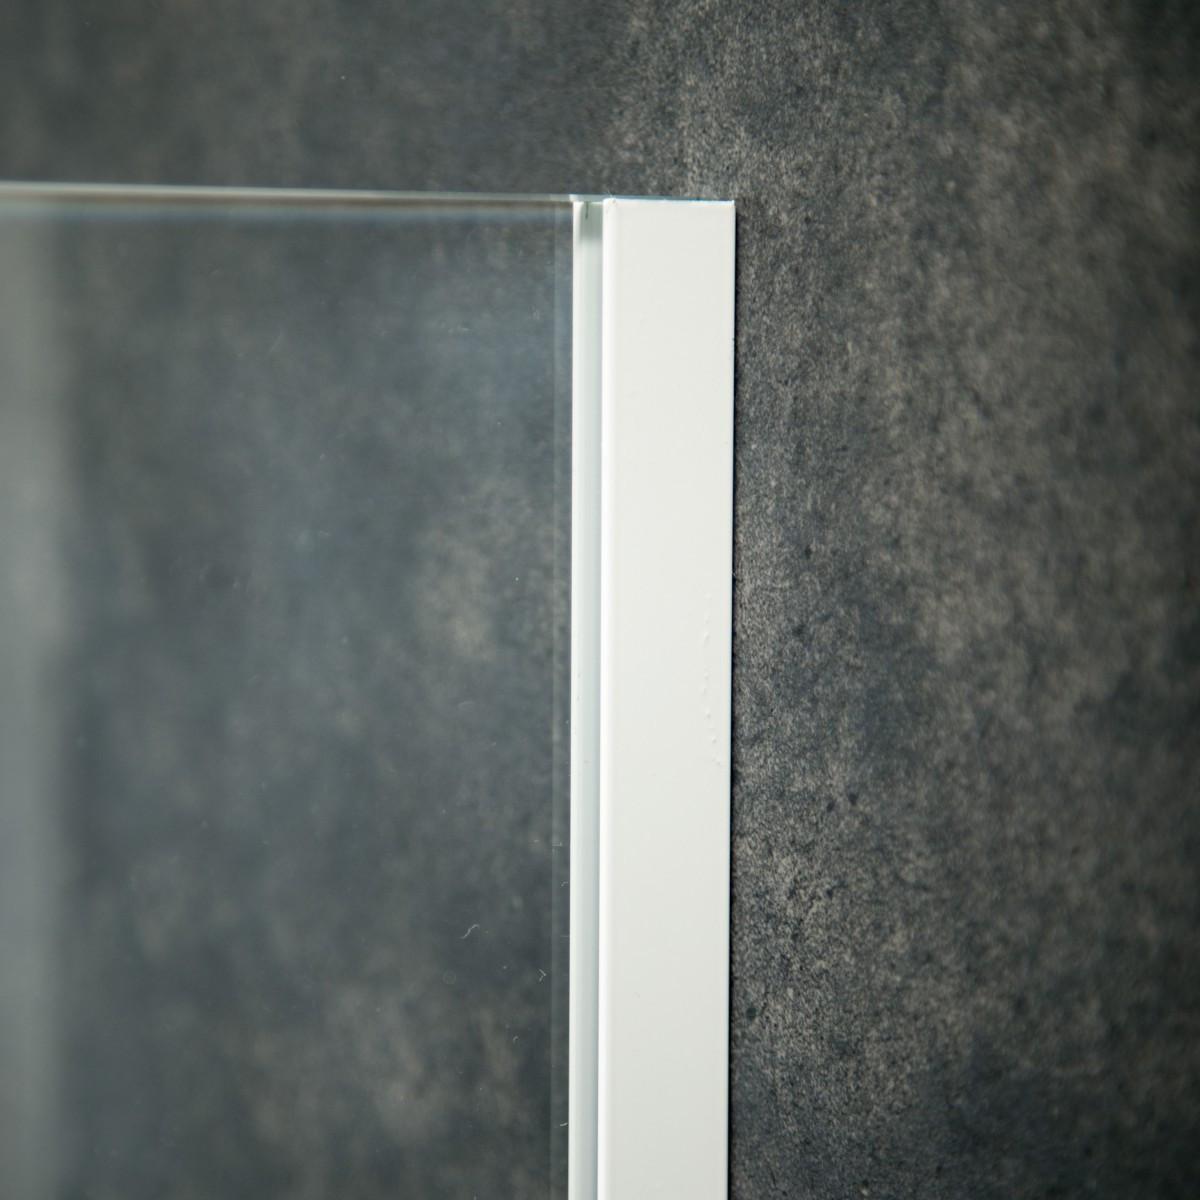 Aluminium U-Wandprofil, 2010 x 20 x 12 x 20 x 2mm, Weiß